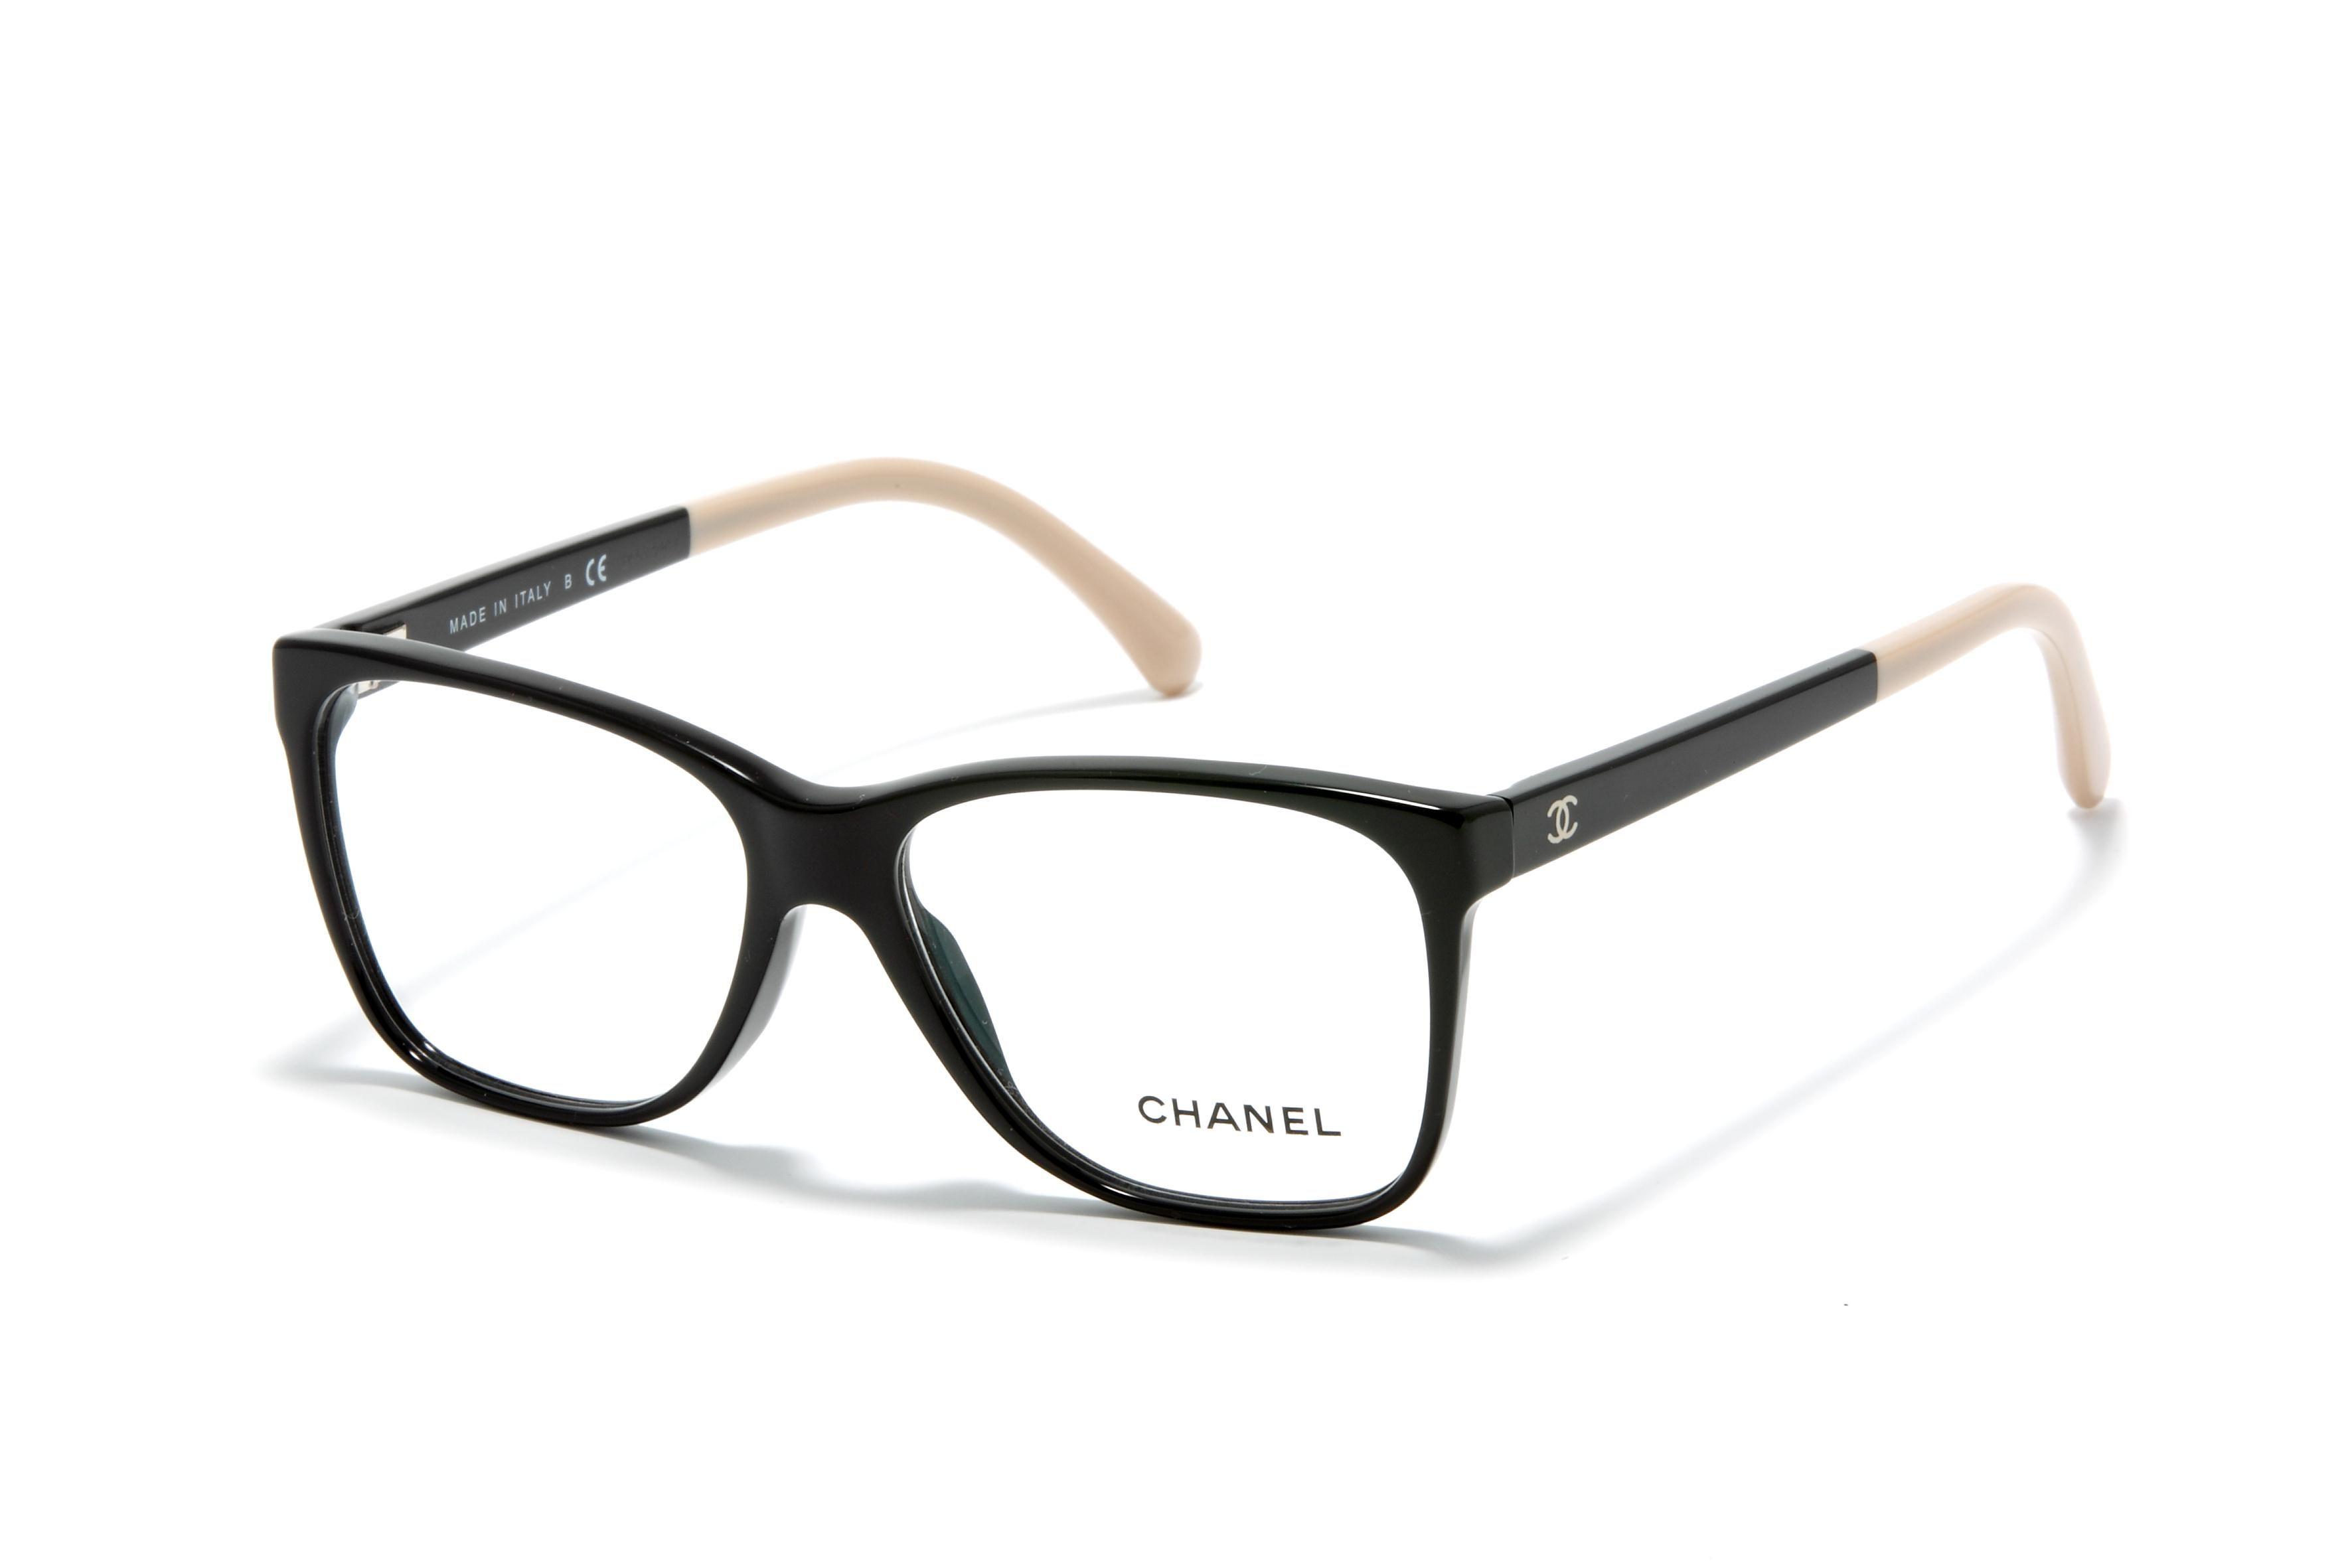 chanel prescription glasses frames model no 3230 hello